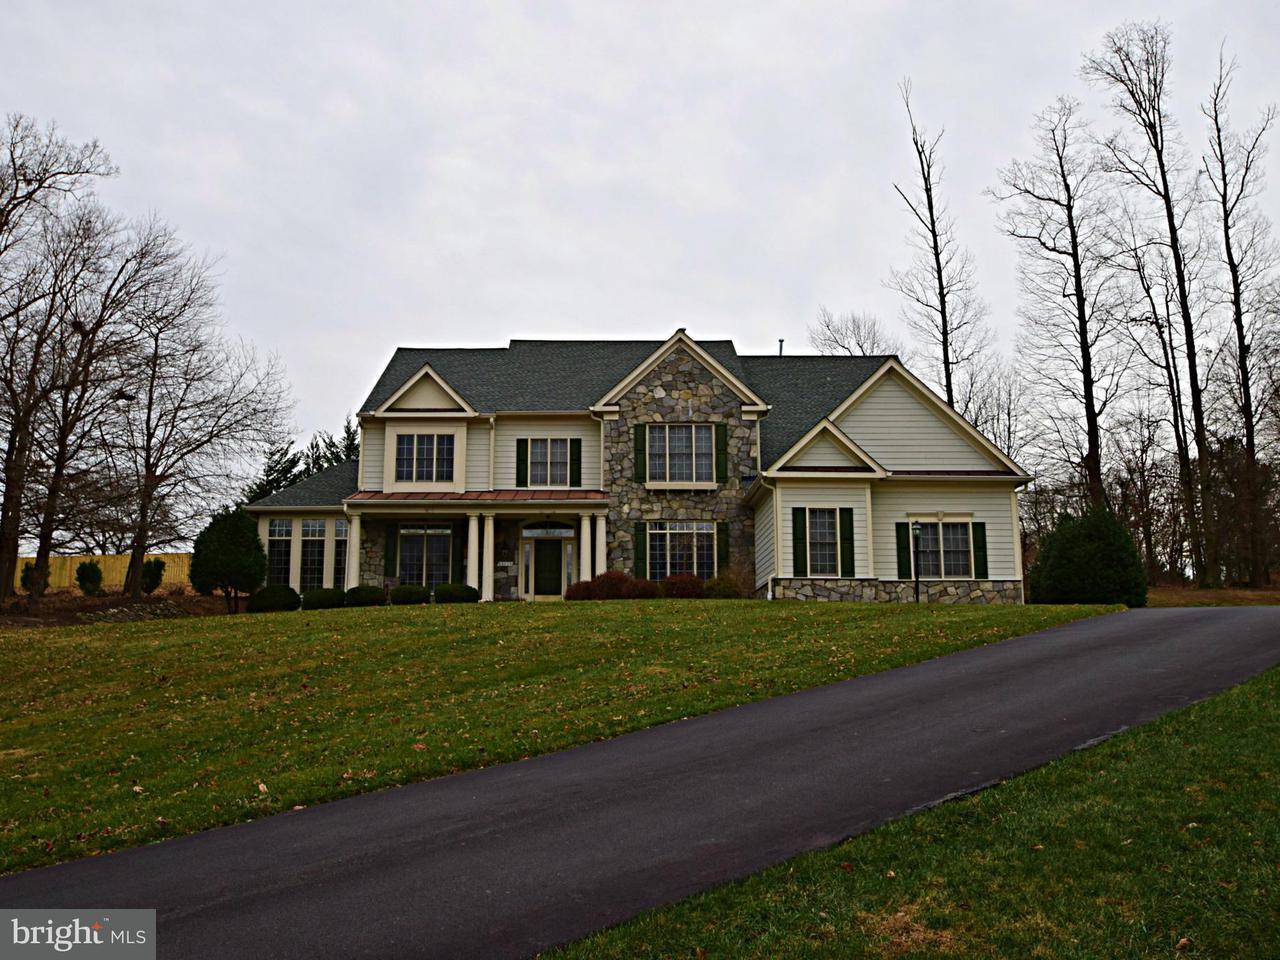 Частный односемейный дом для того Продажа на 15113 Vicars Way 15113 Vicars Way North Potomac, Мэриленд 20878 Соединенные Штаты